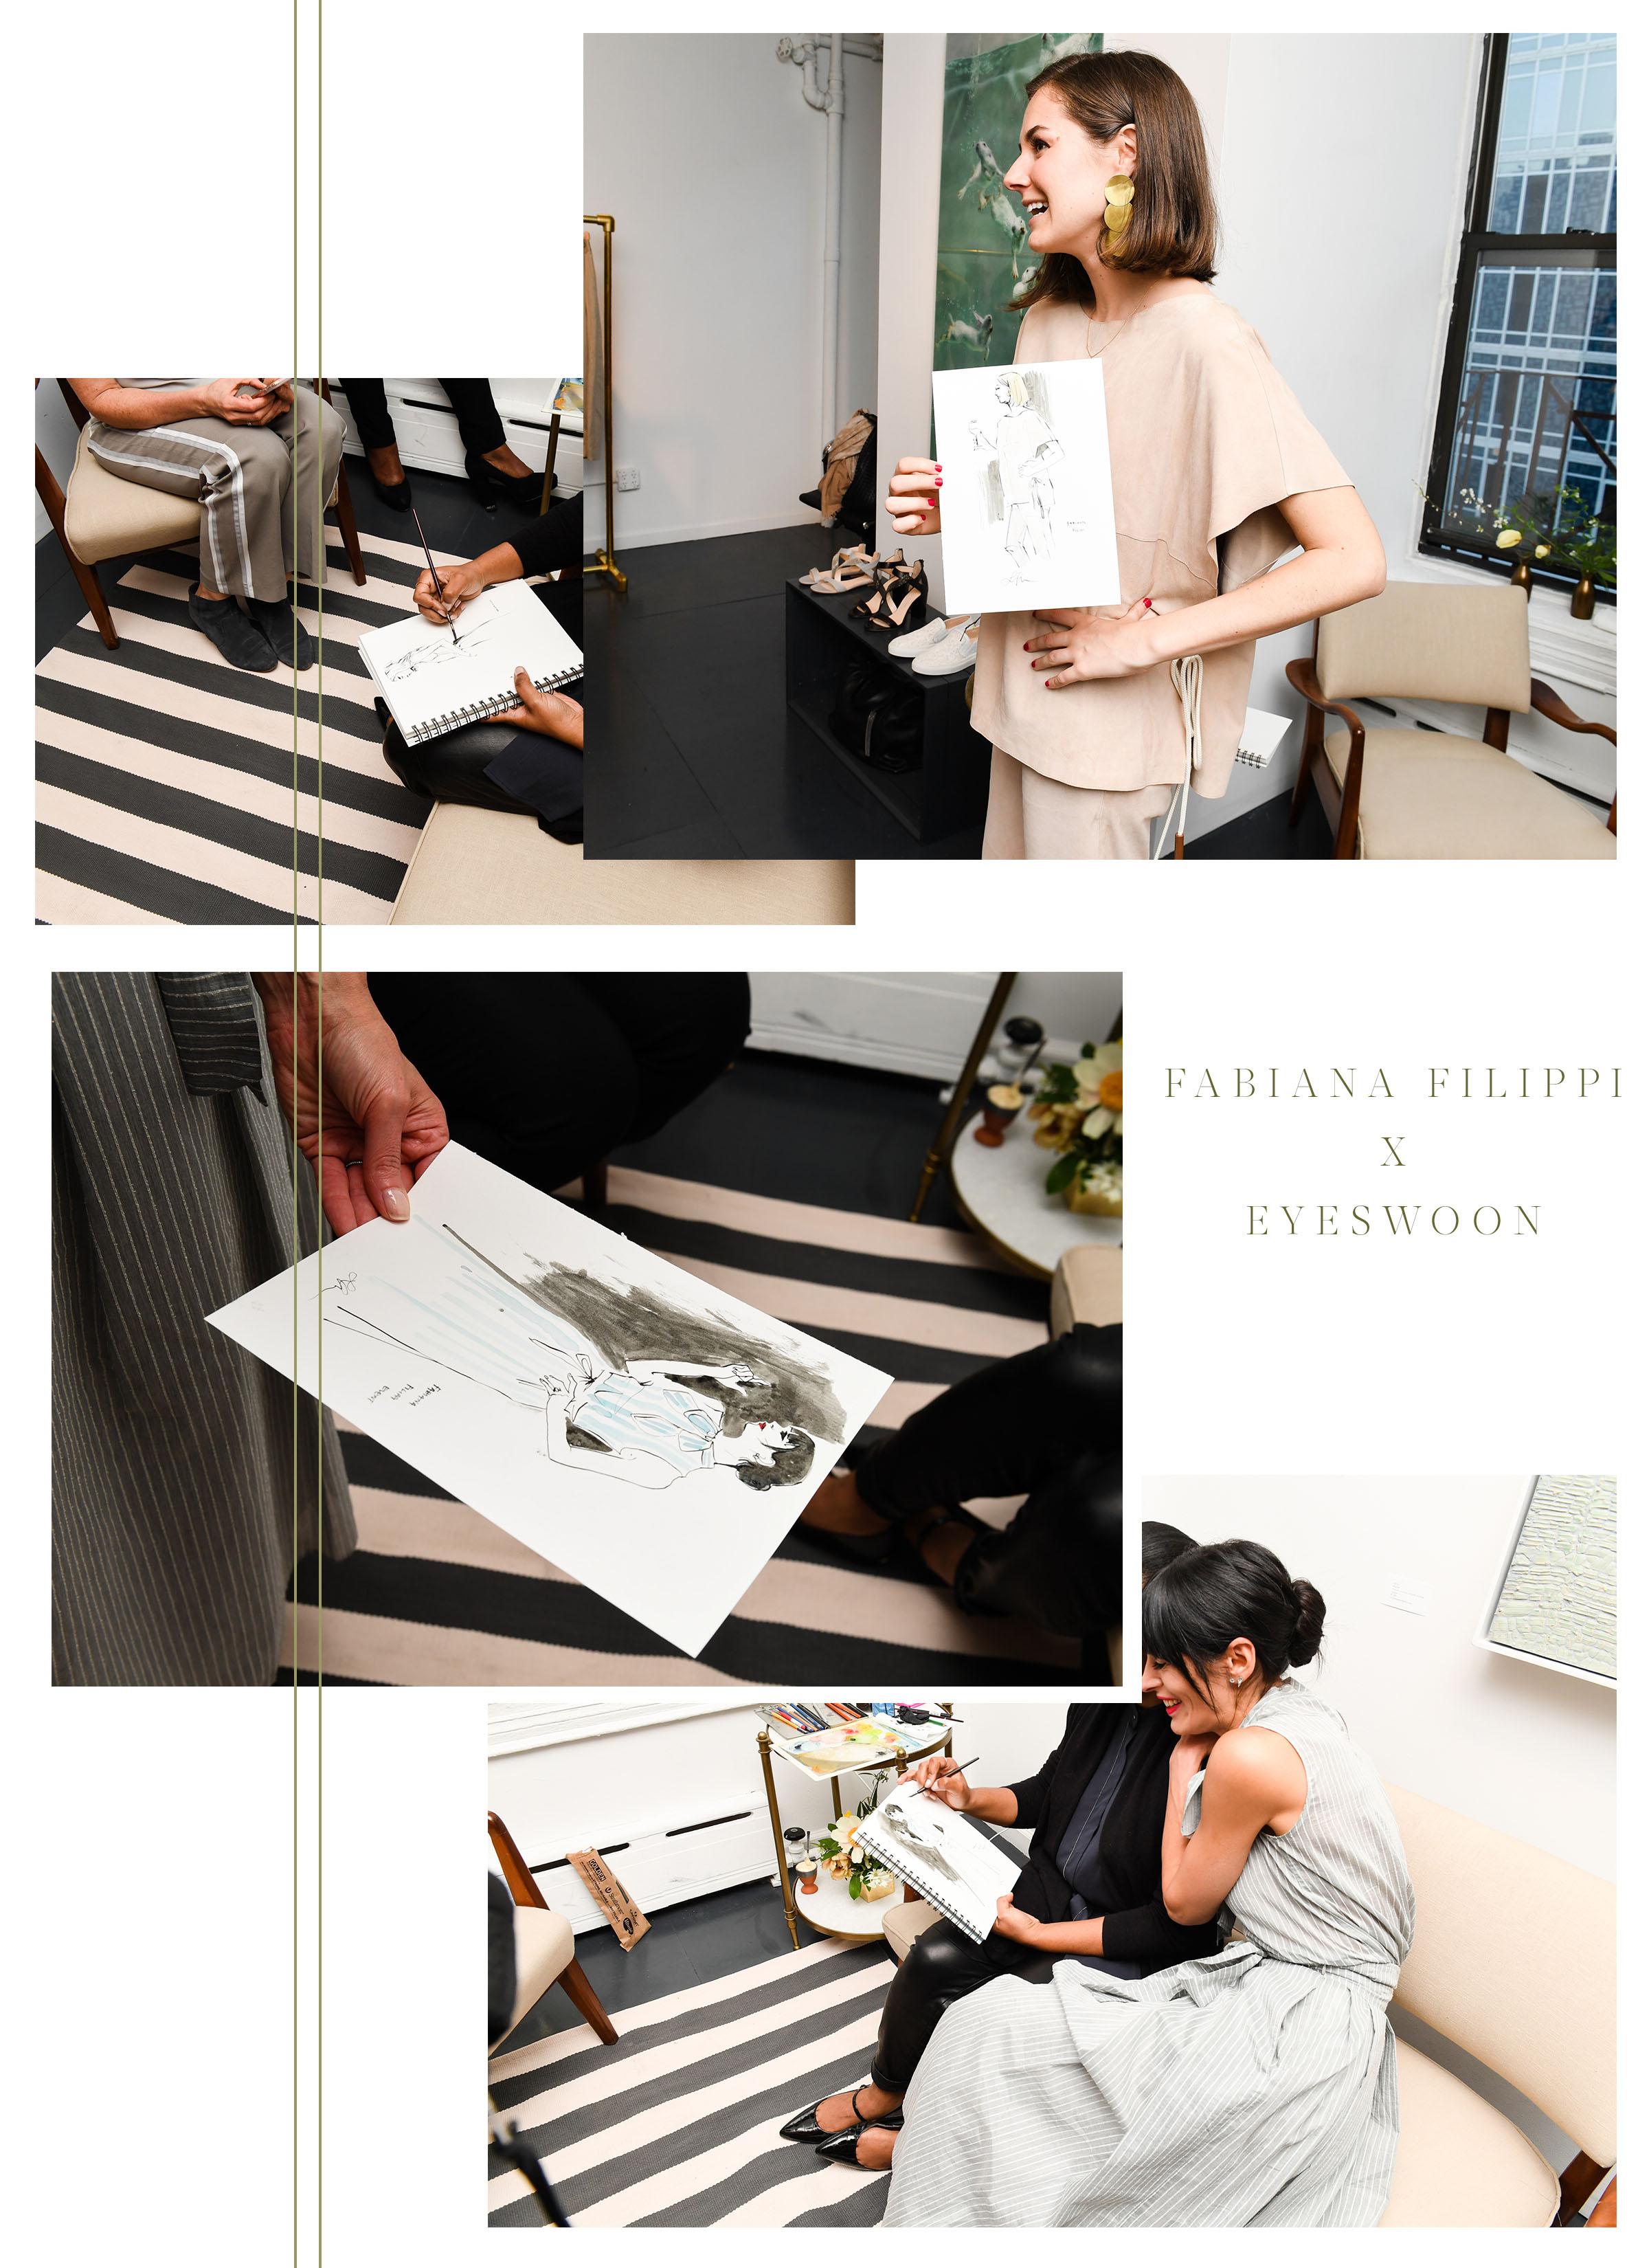 fabiana filippi x eyeswoon fw17 presentation